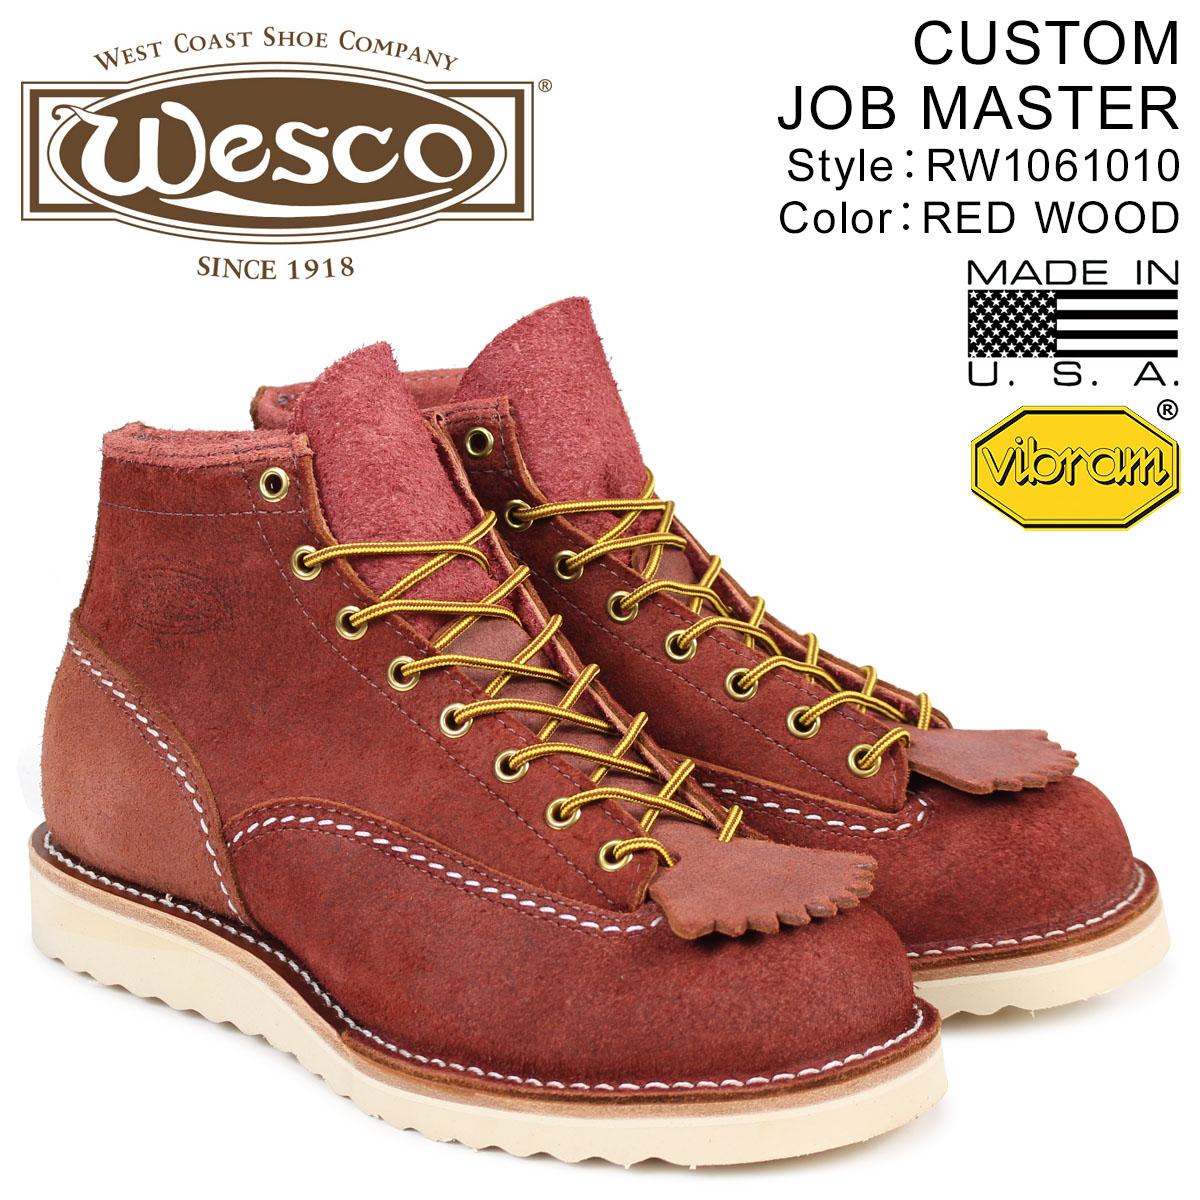 ウエスコ WESCO ジョブマスター ブーツ 6インチ カスタム 6INCH CUSTOM JOB MASTER Eワイズ スエード メンズ ブラウン RW1061010 ウェス